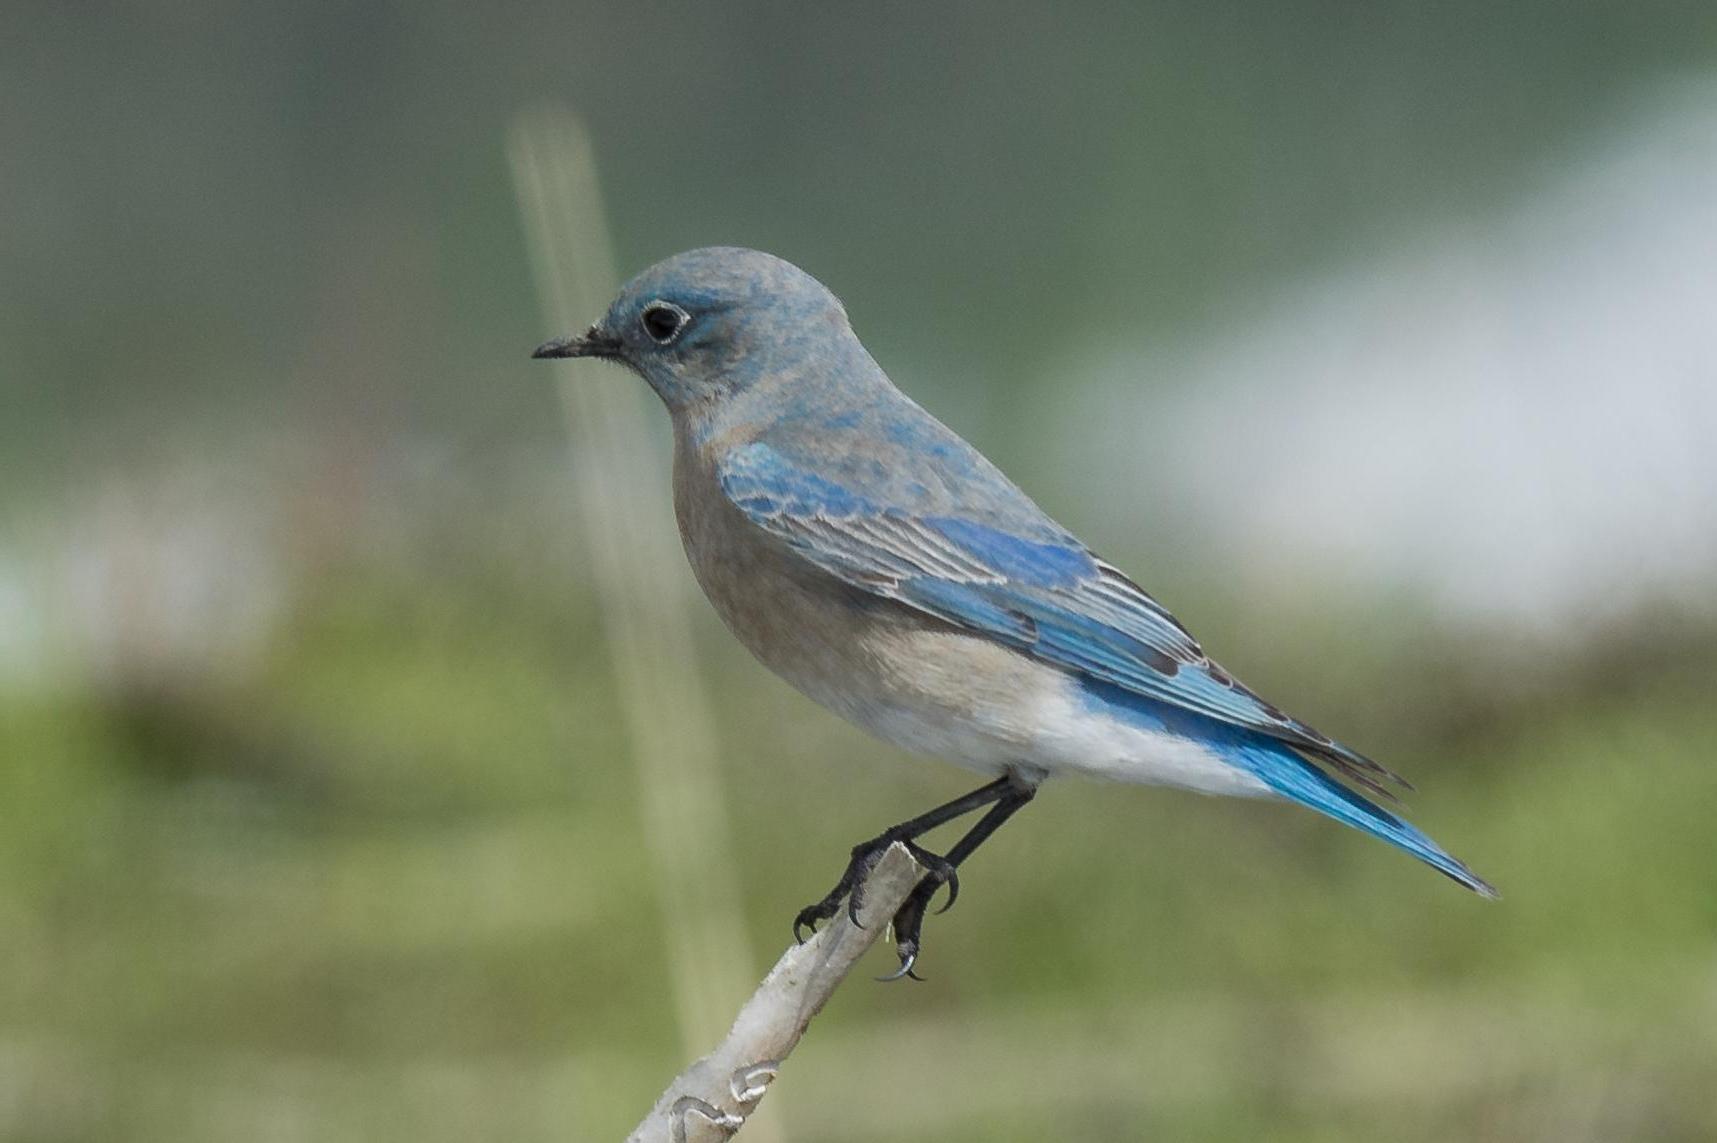 Moutain Bluebird